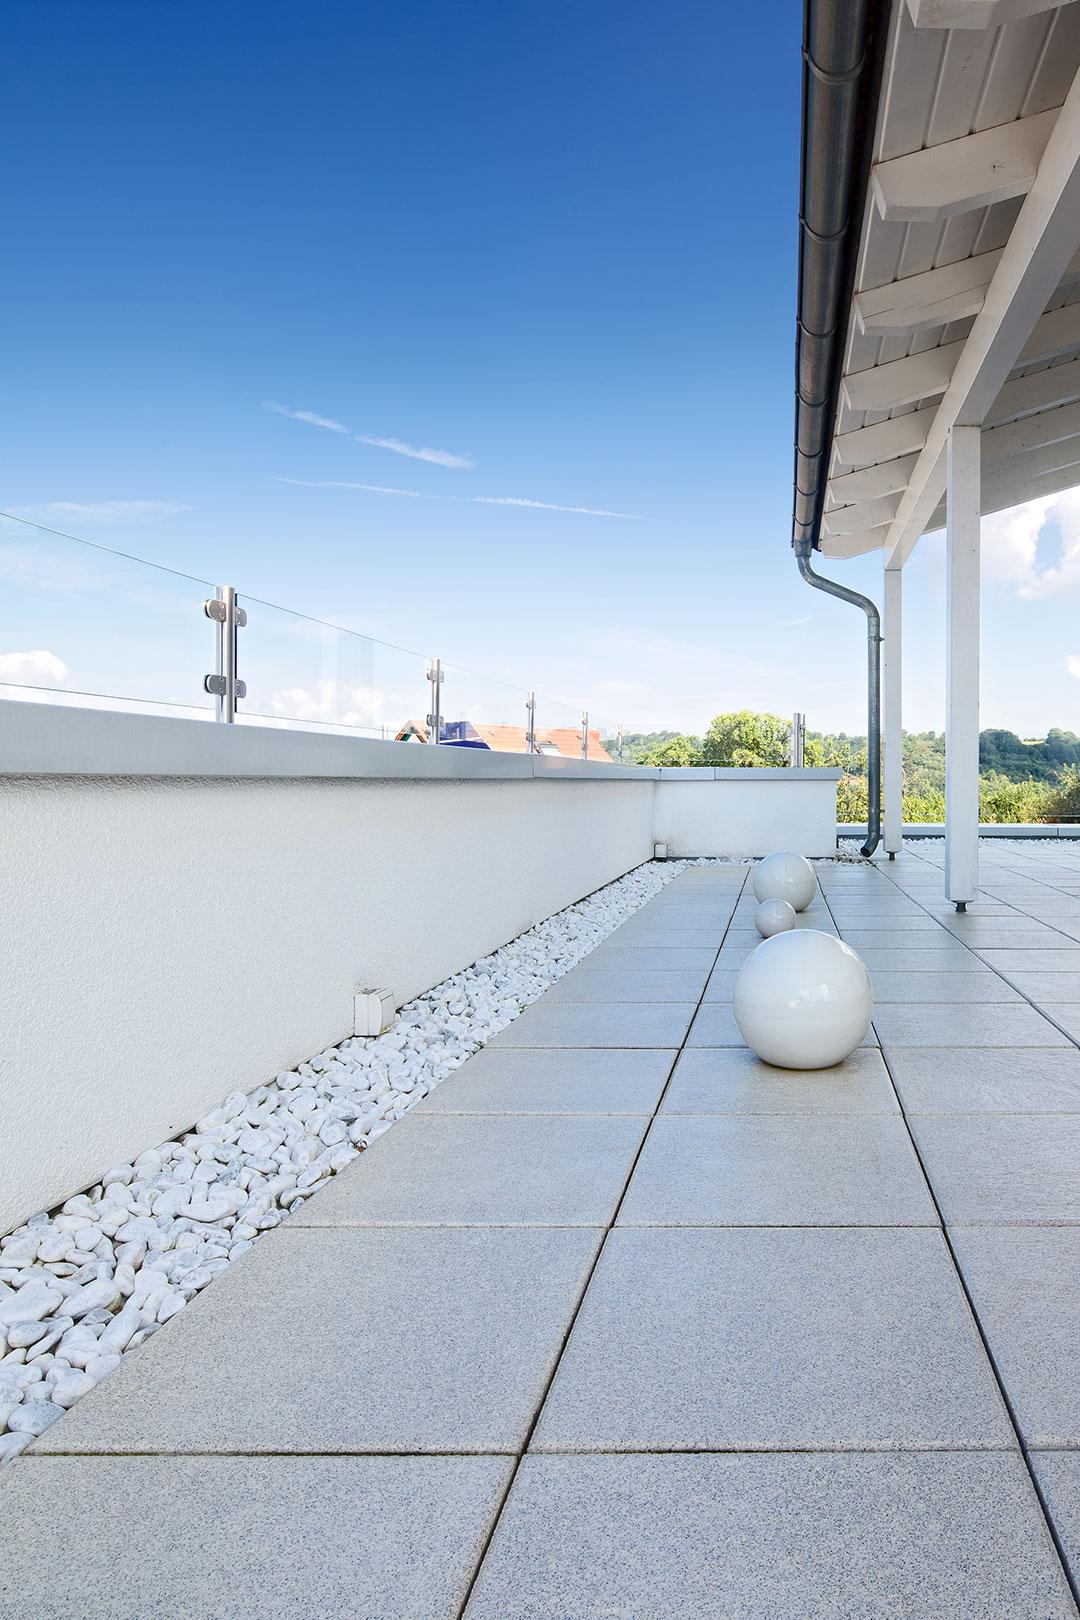 Architekturfotografie: Terrasse | Foto: Dieter Eikenberg, imprints